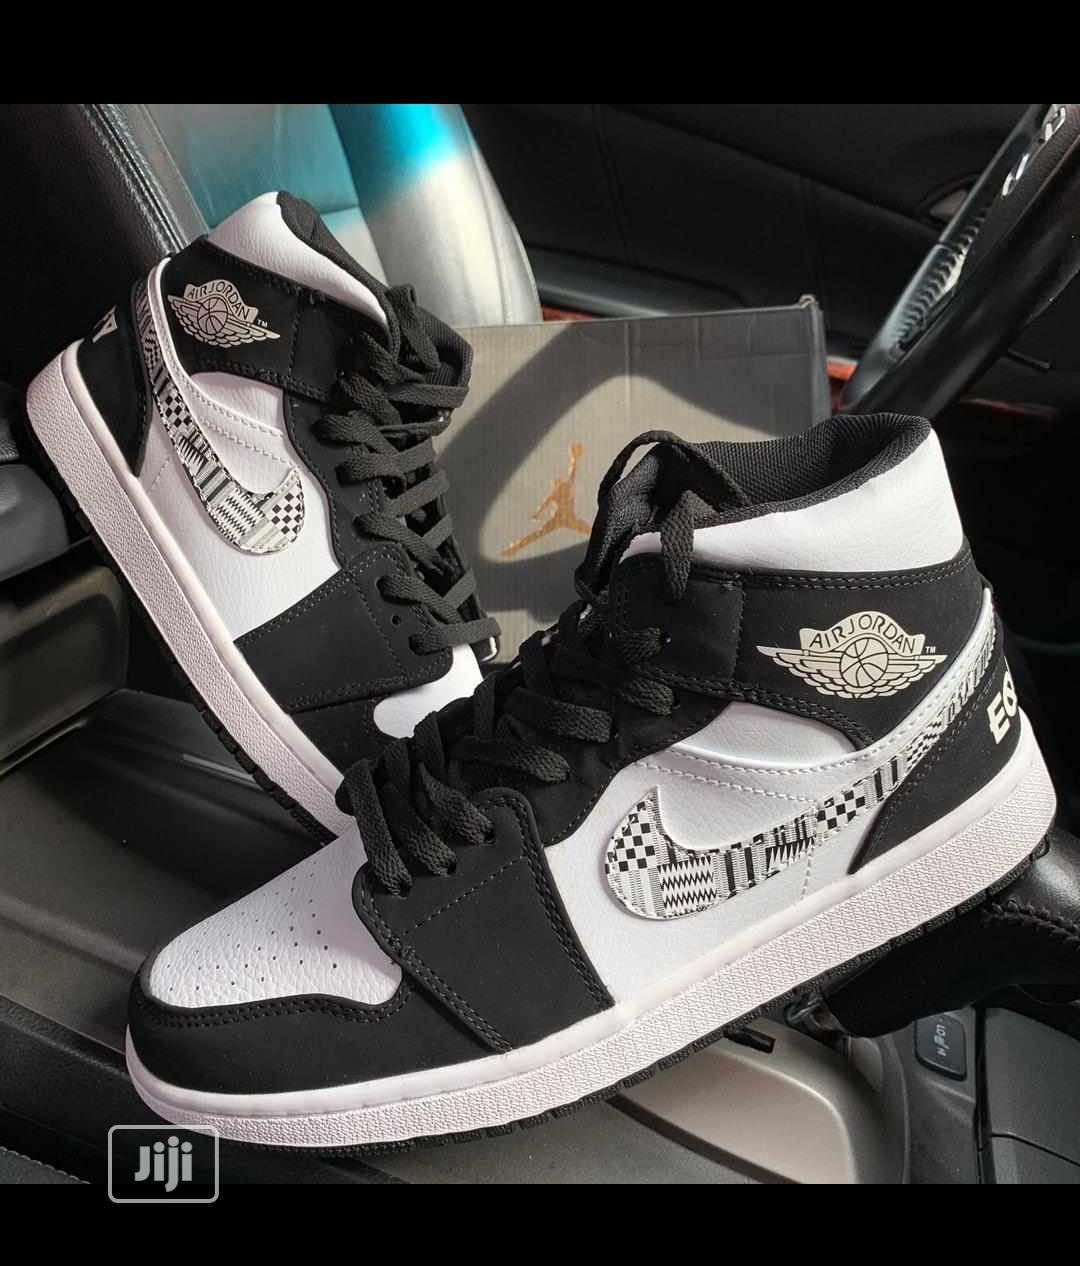 Nike Air Jordan Men's Hightop Sneakers